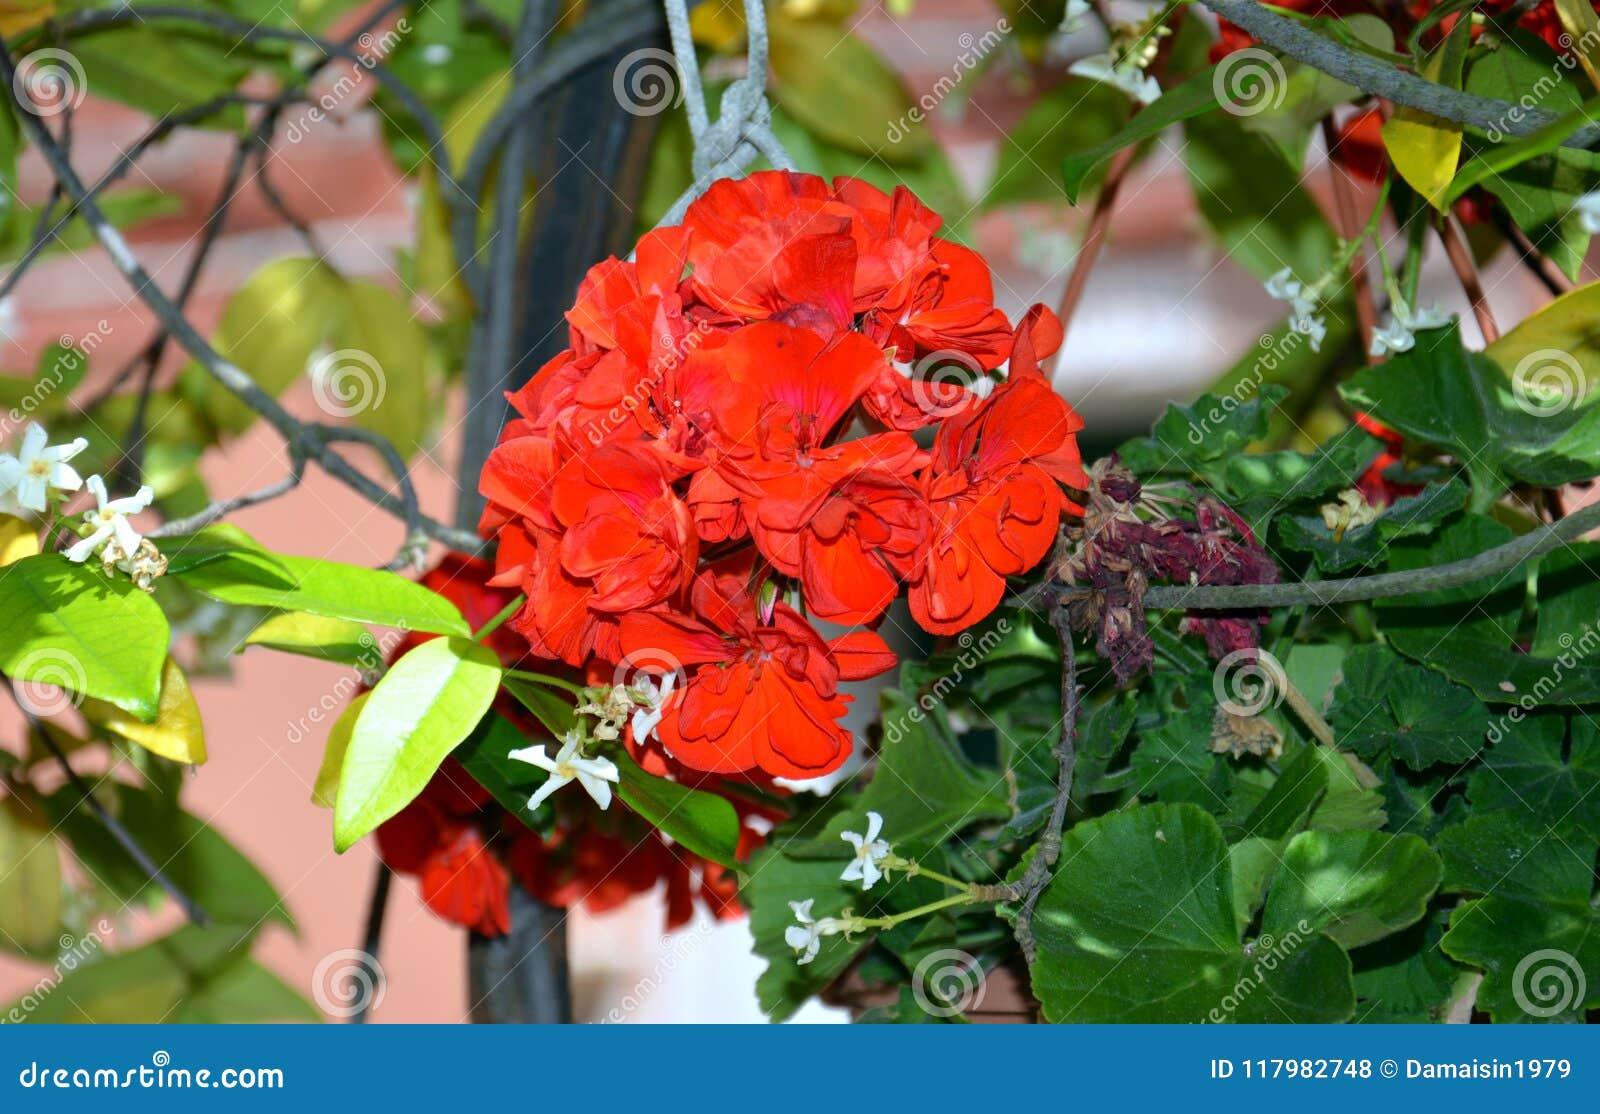 Κόκκινο λουλούδι στο δοχείο στη Βενετία, στην Ιταλία, Ευρώπη